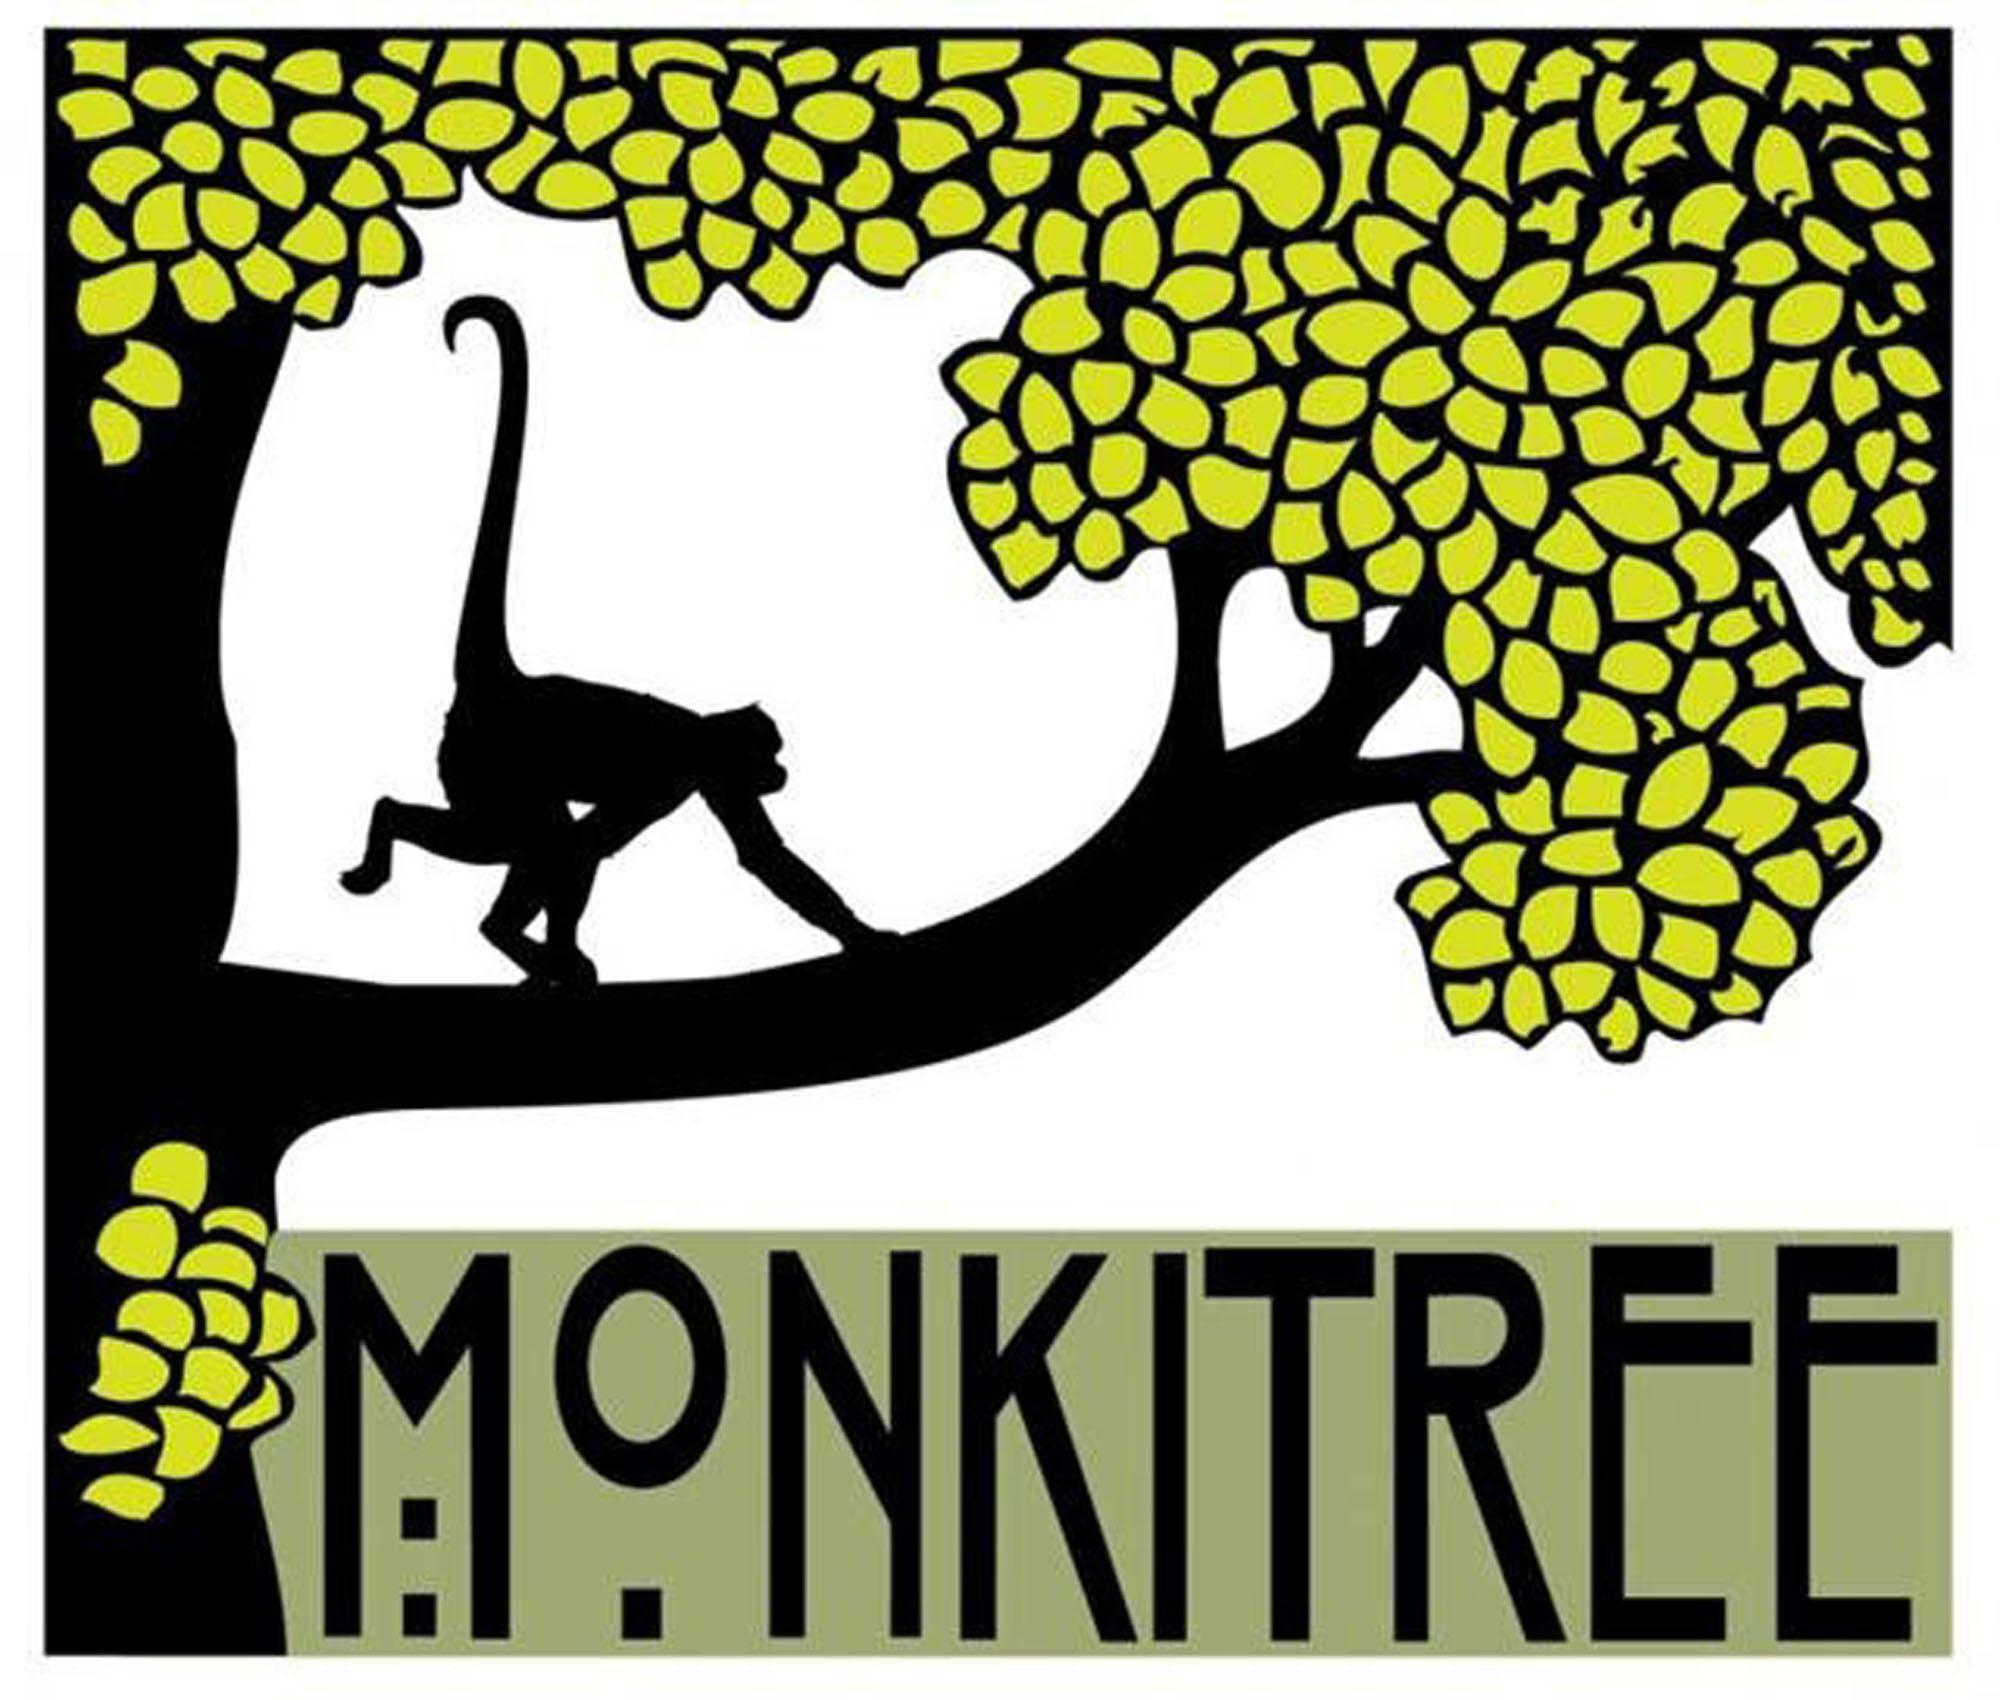 monkitree-logo.jpg